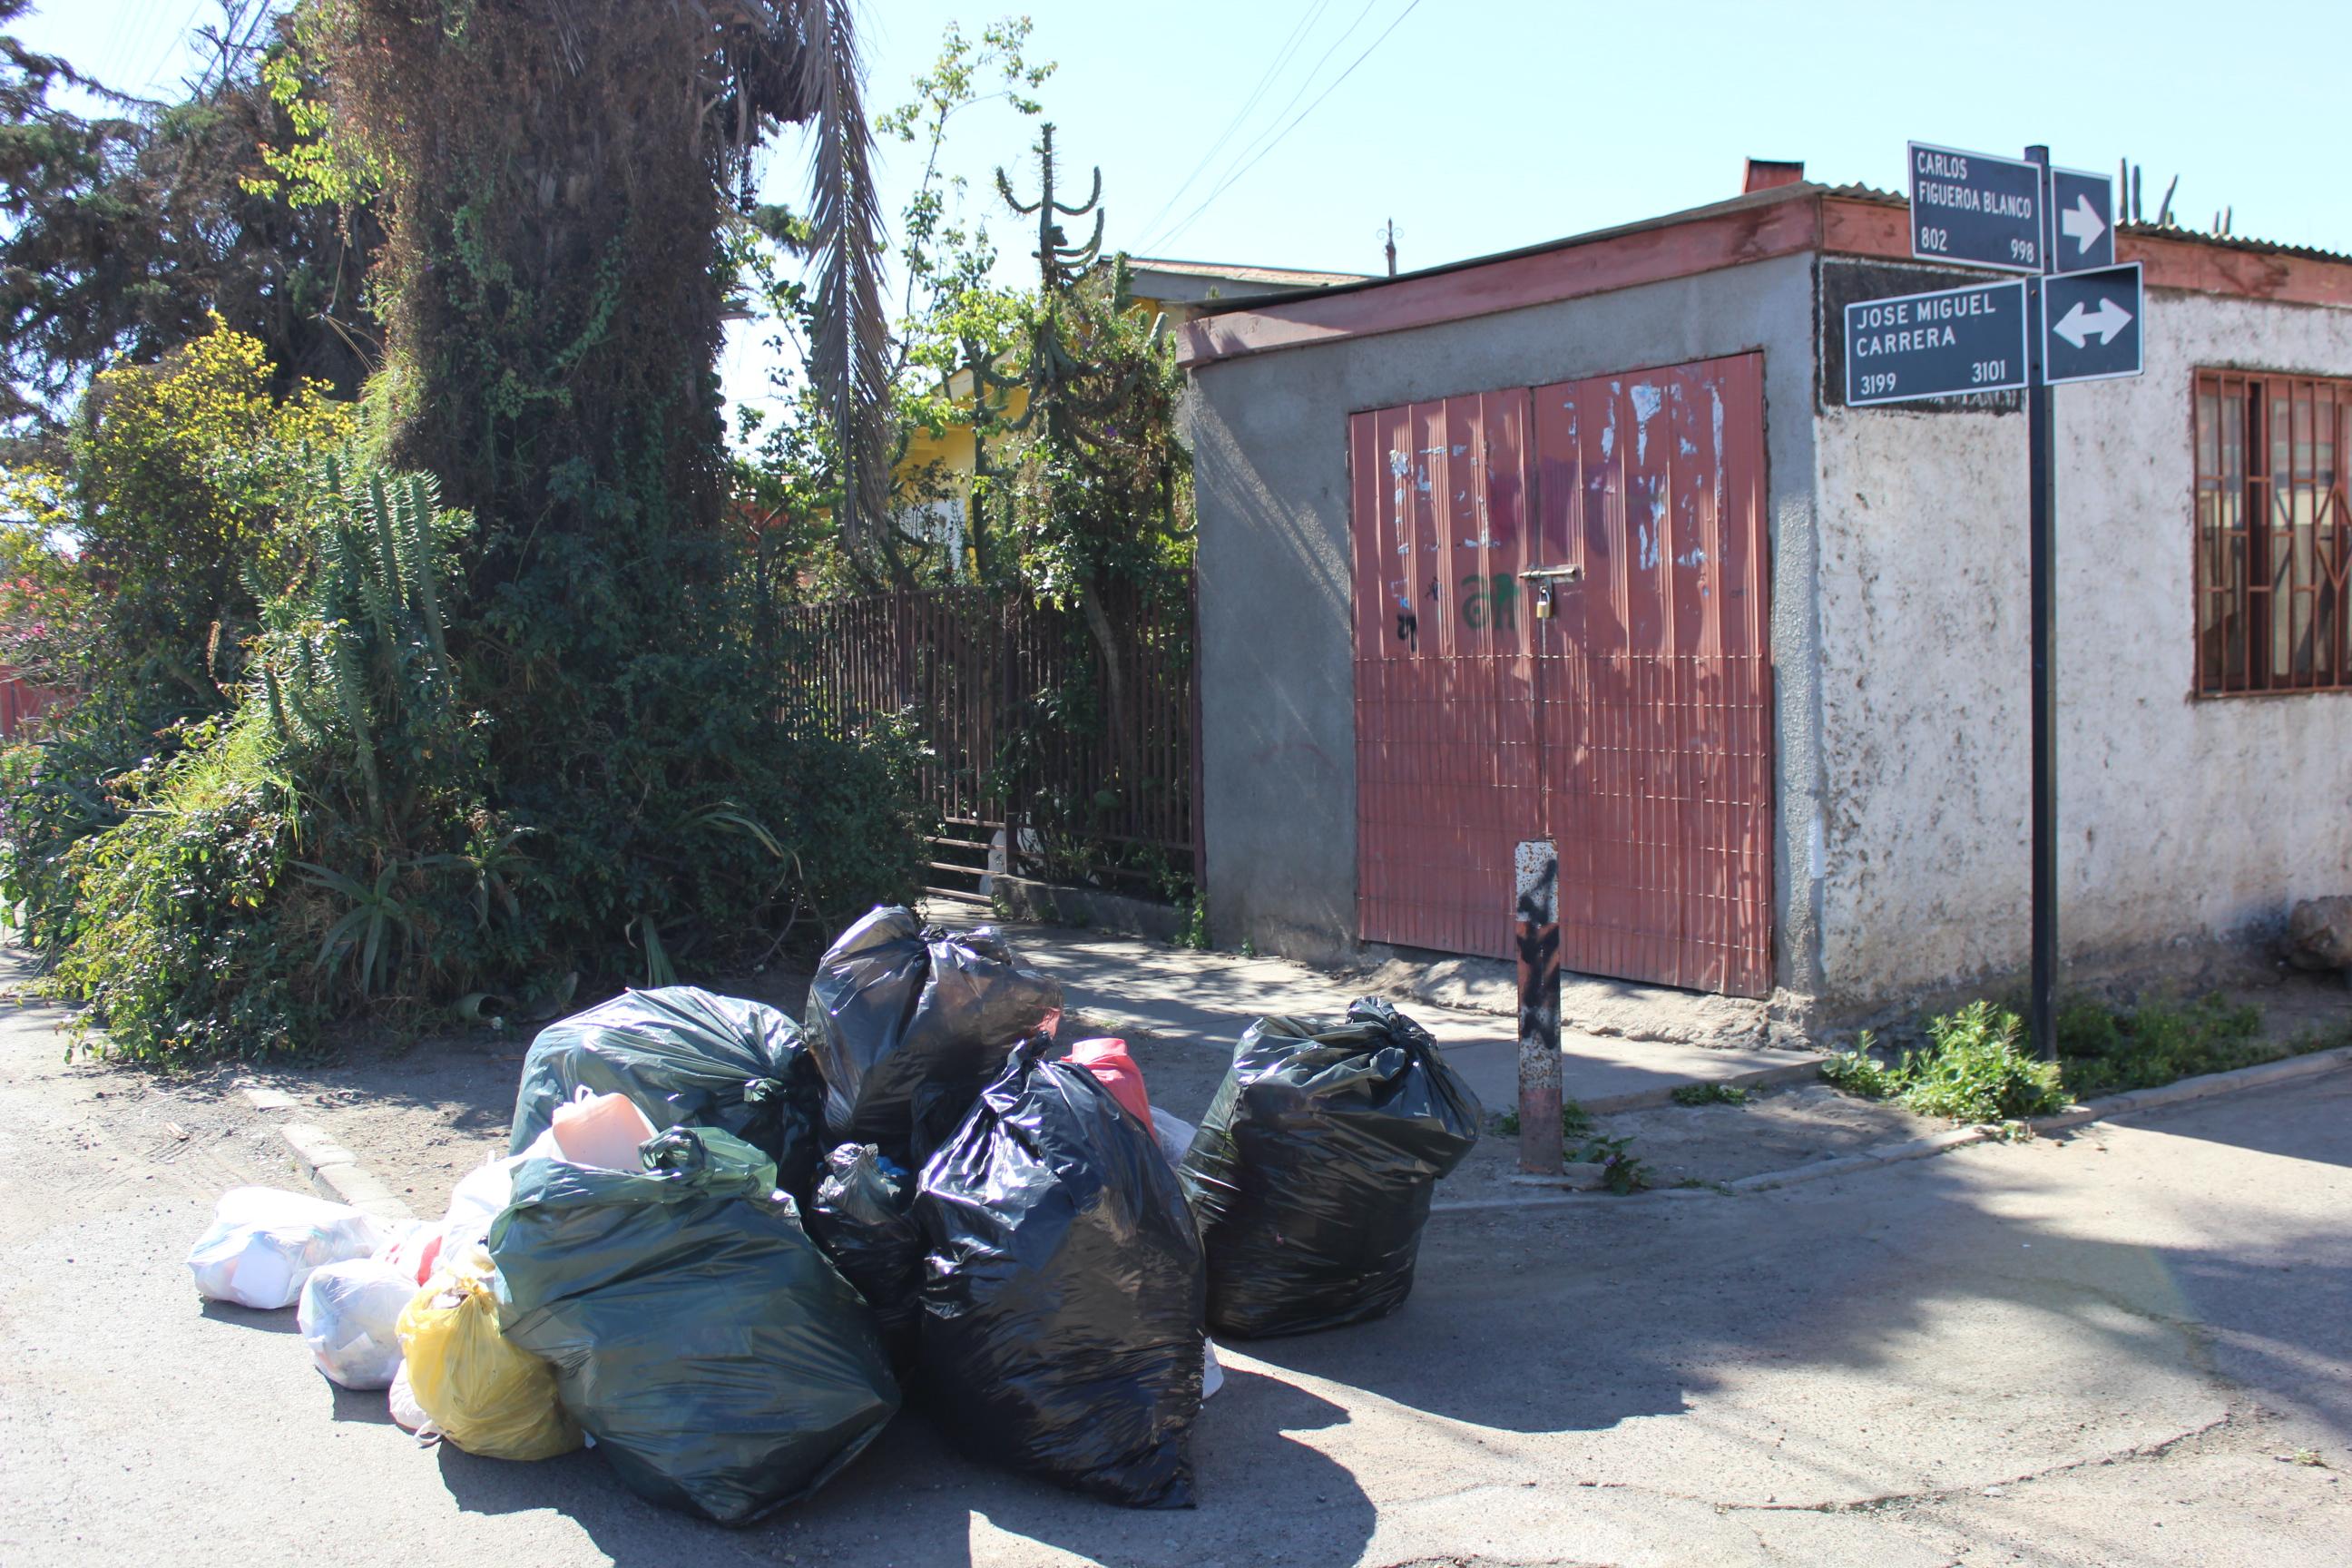 Primeros signos de emergencia sanitaria en calles de Vallenar por toma de relleno sanitario